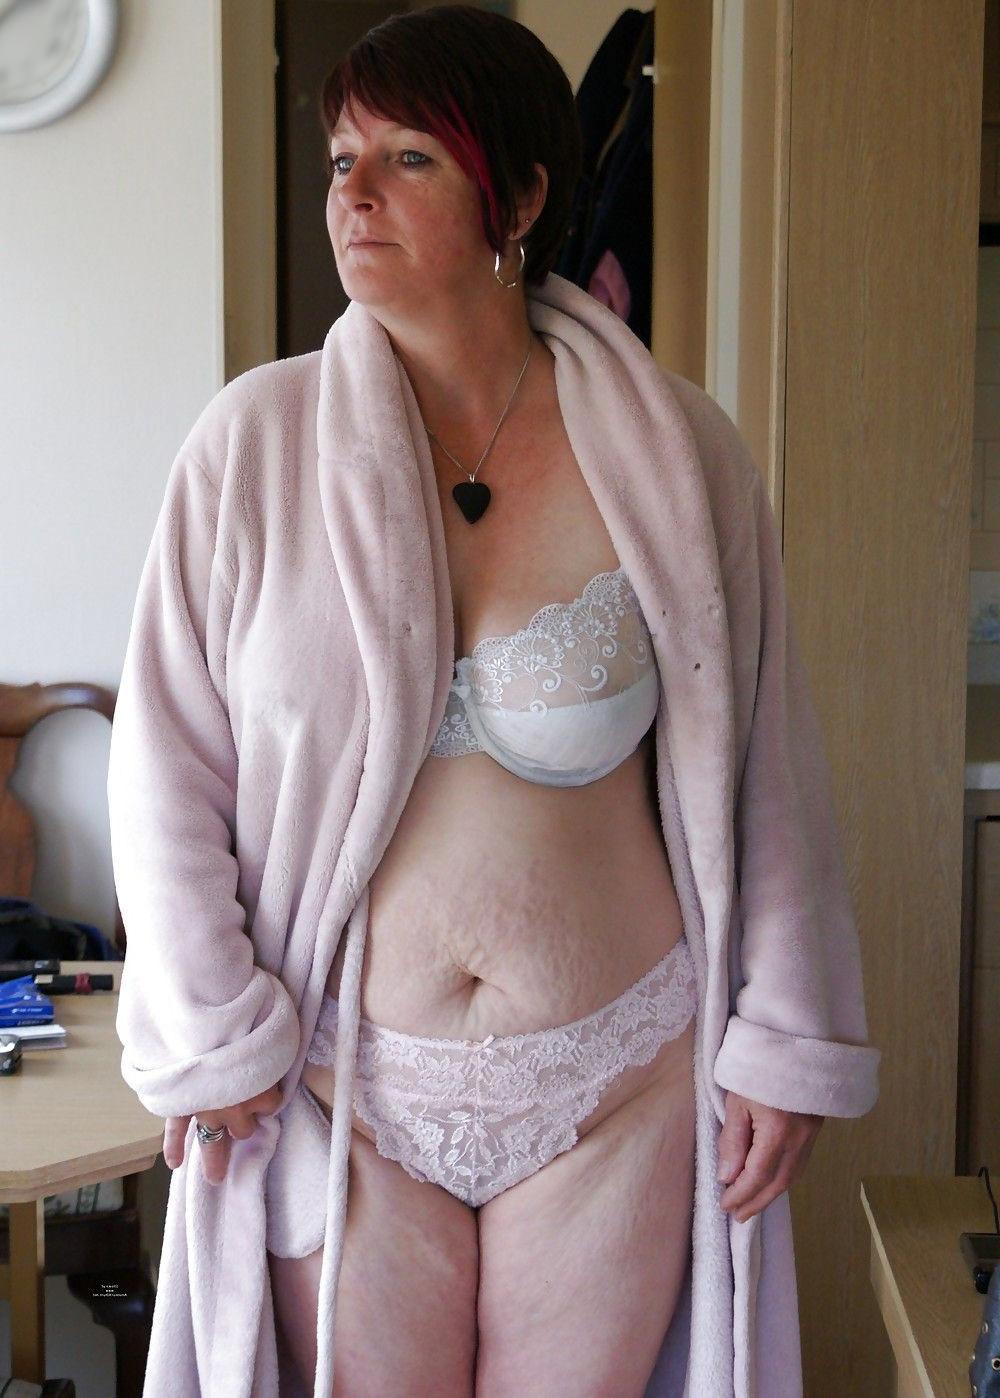 Sexy women fucking